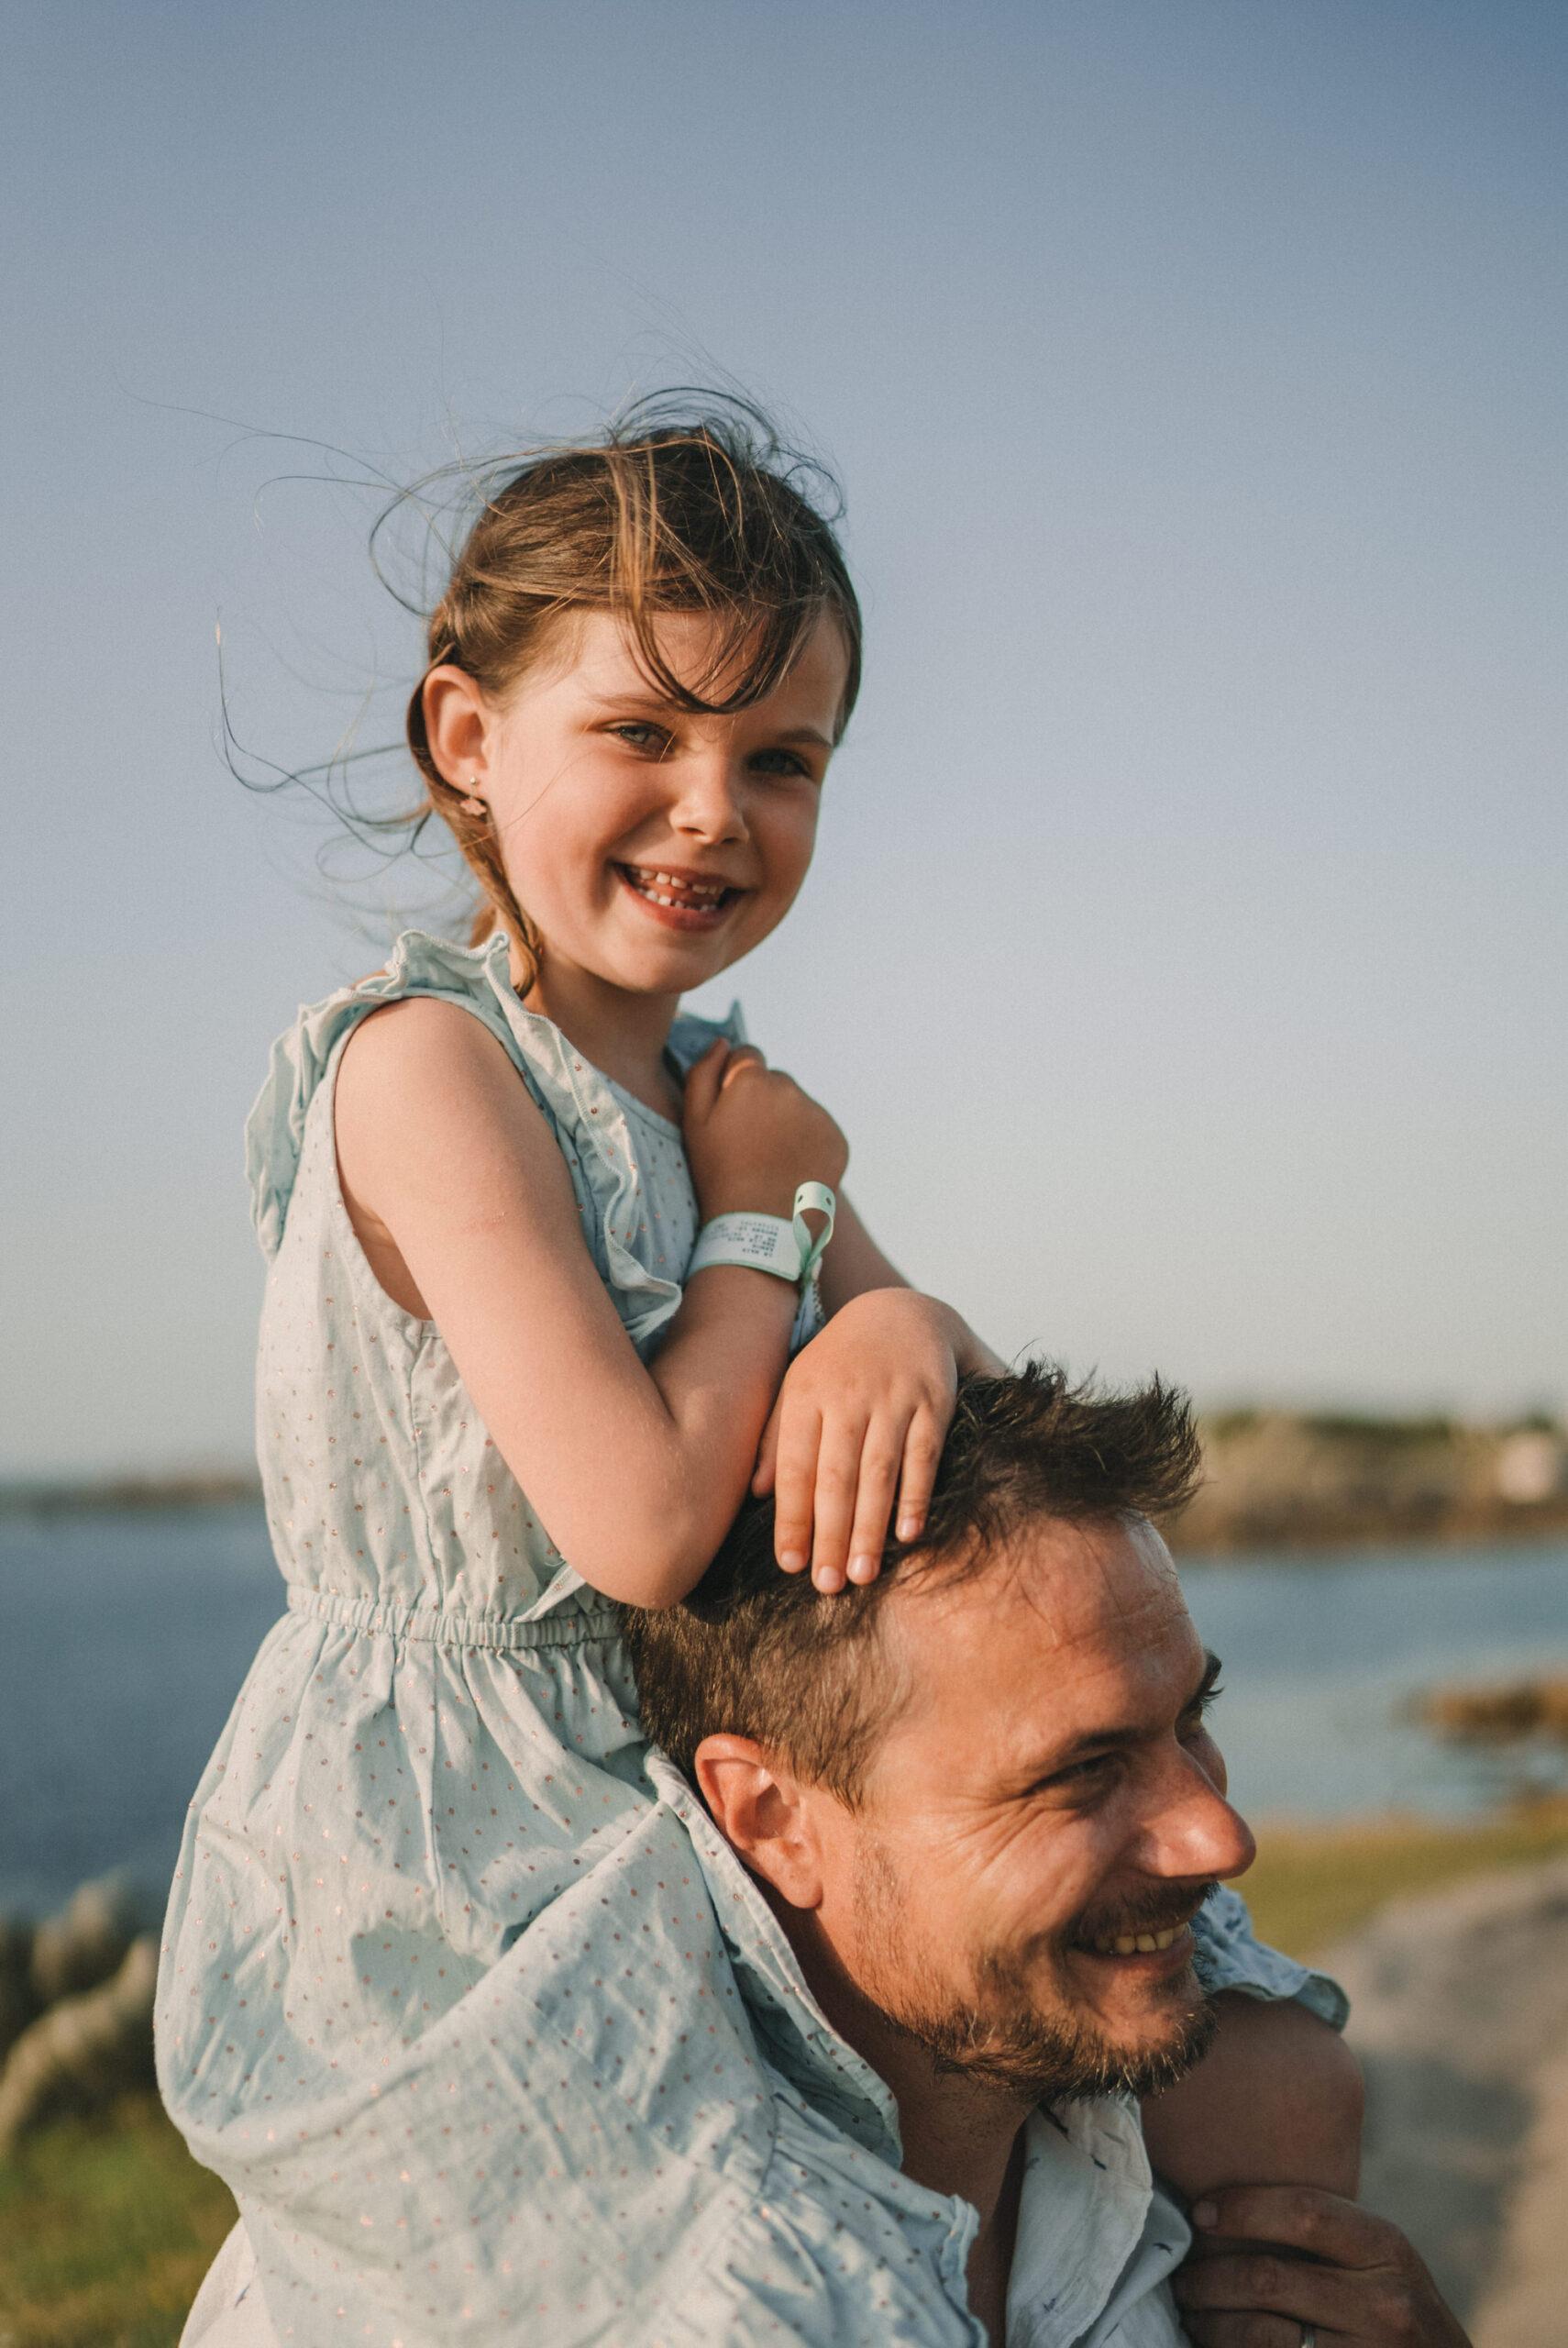 2021.07.20 Photo De Famille A Porspoder En Bretagne Par Antoine Borzeix 95 Scaled, Photographe & Videaste à Brest / Finistère